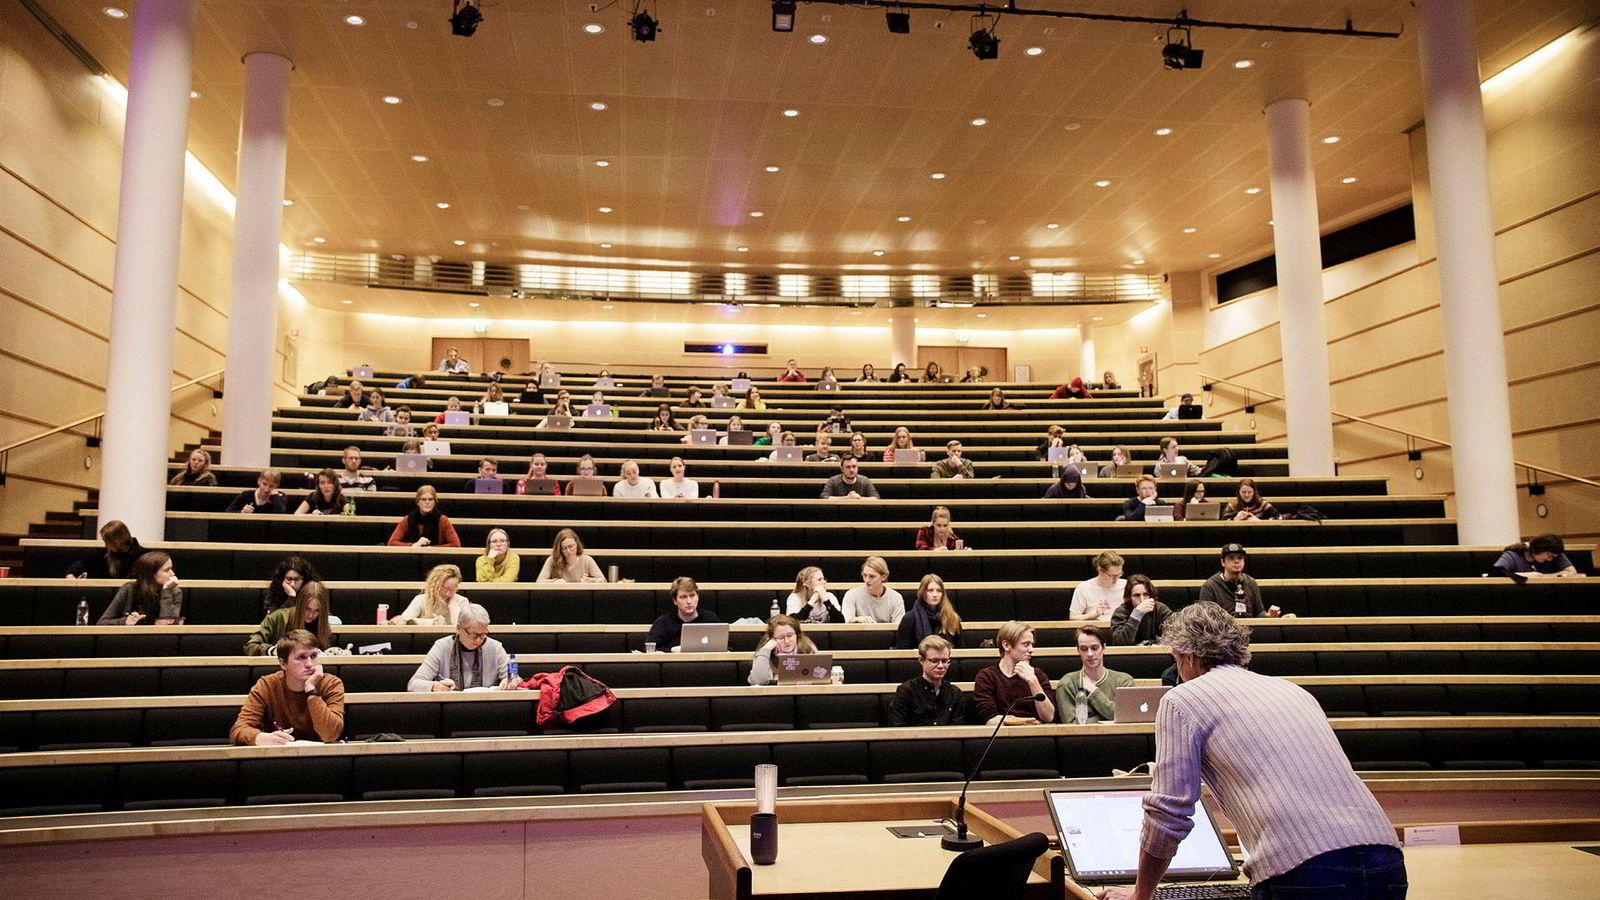 Halvparten av studentene ved Universitetet i Oslo får pengehjelp av foreldrene. Bildet fra en forelesning på Blindern.